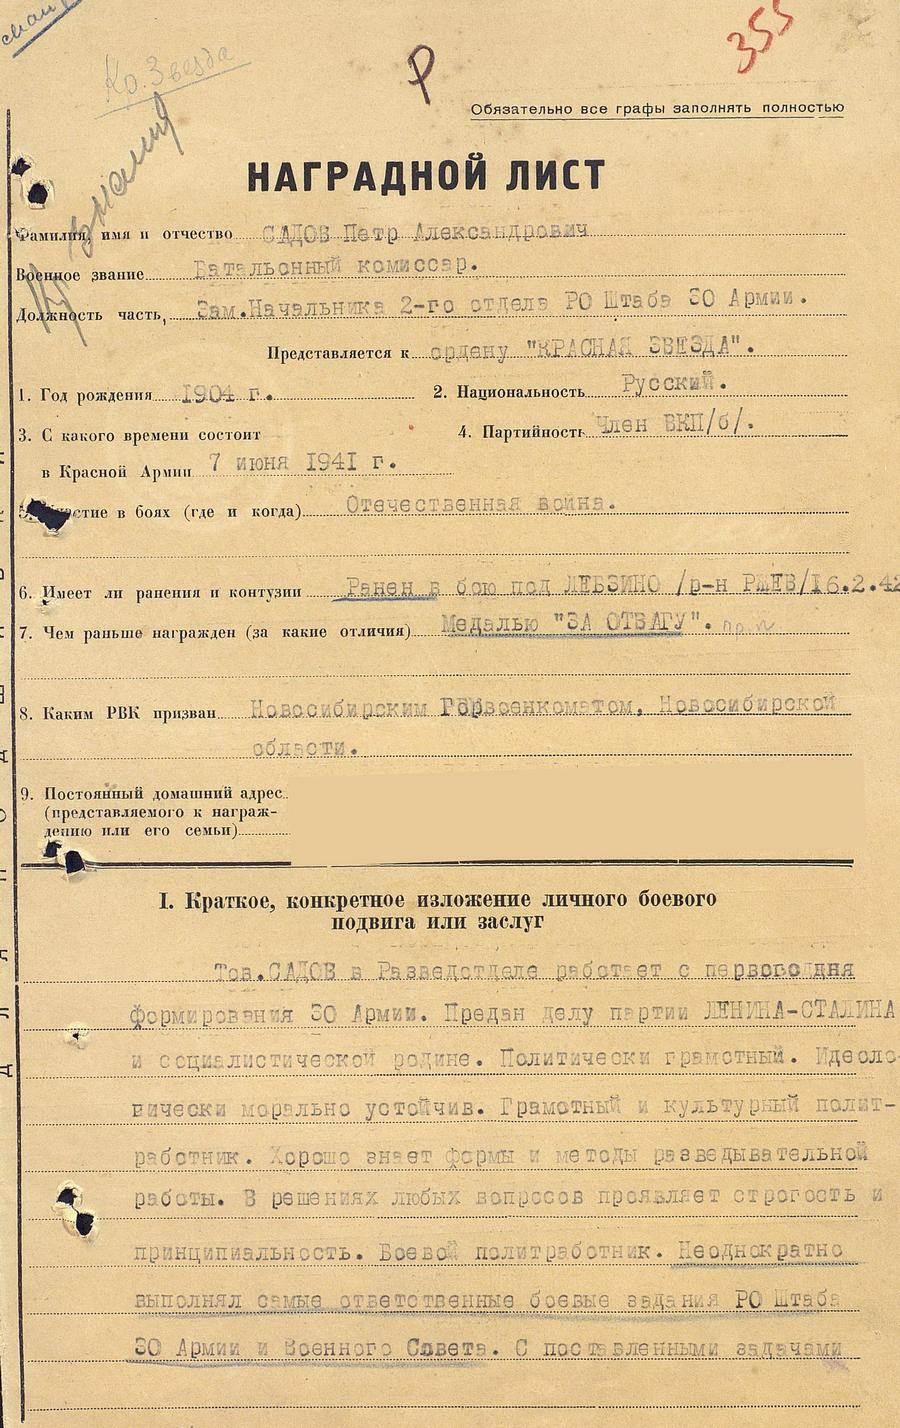 """Наградной лист Садова П. А. 1942 г. // ОБД """"Подвиг народа"""""""